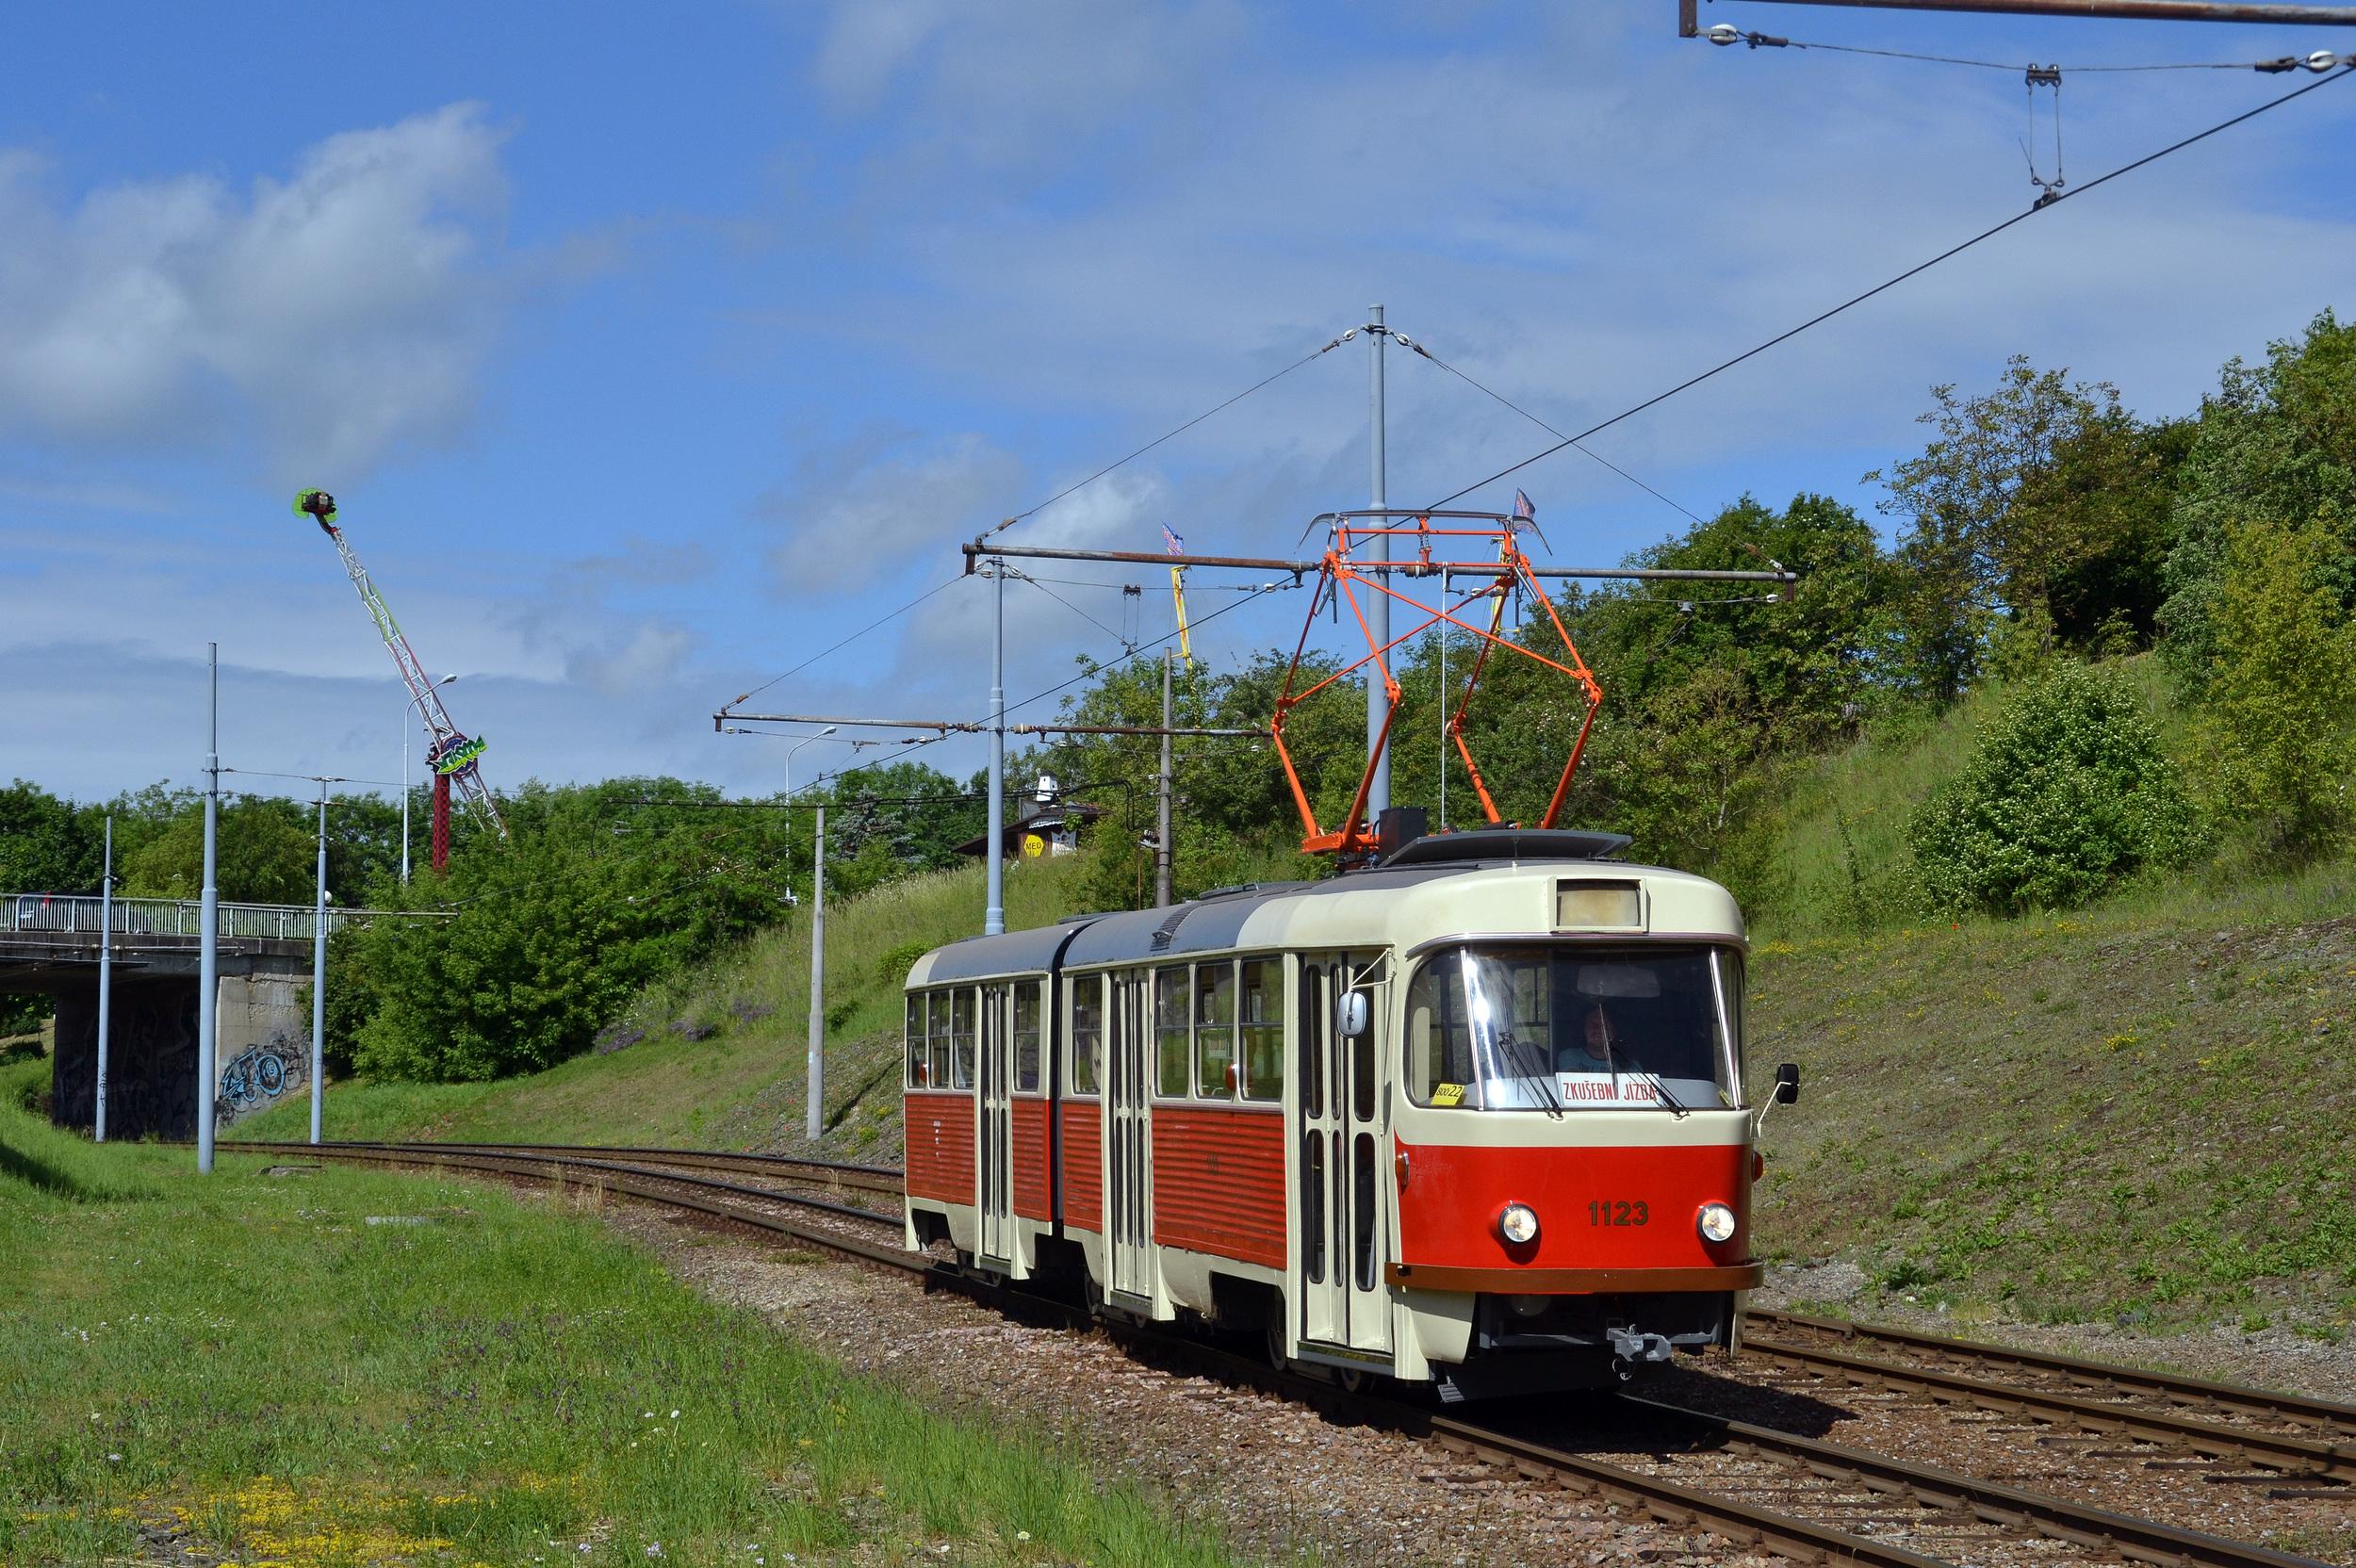 Ukázkově zrekonstruovaný vůz K2 ev. č. 1123 bude jistě pýchou brněnské sbírky retro vozidel. (foto: Ing. Jiří Černý)